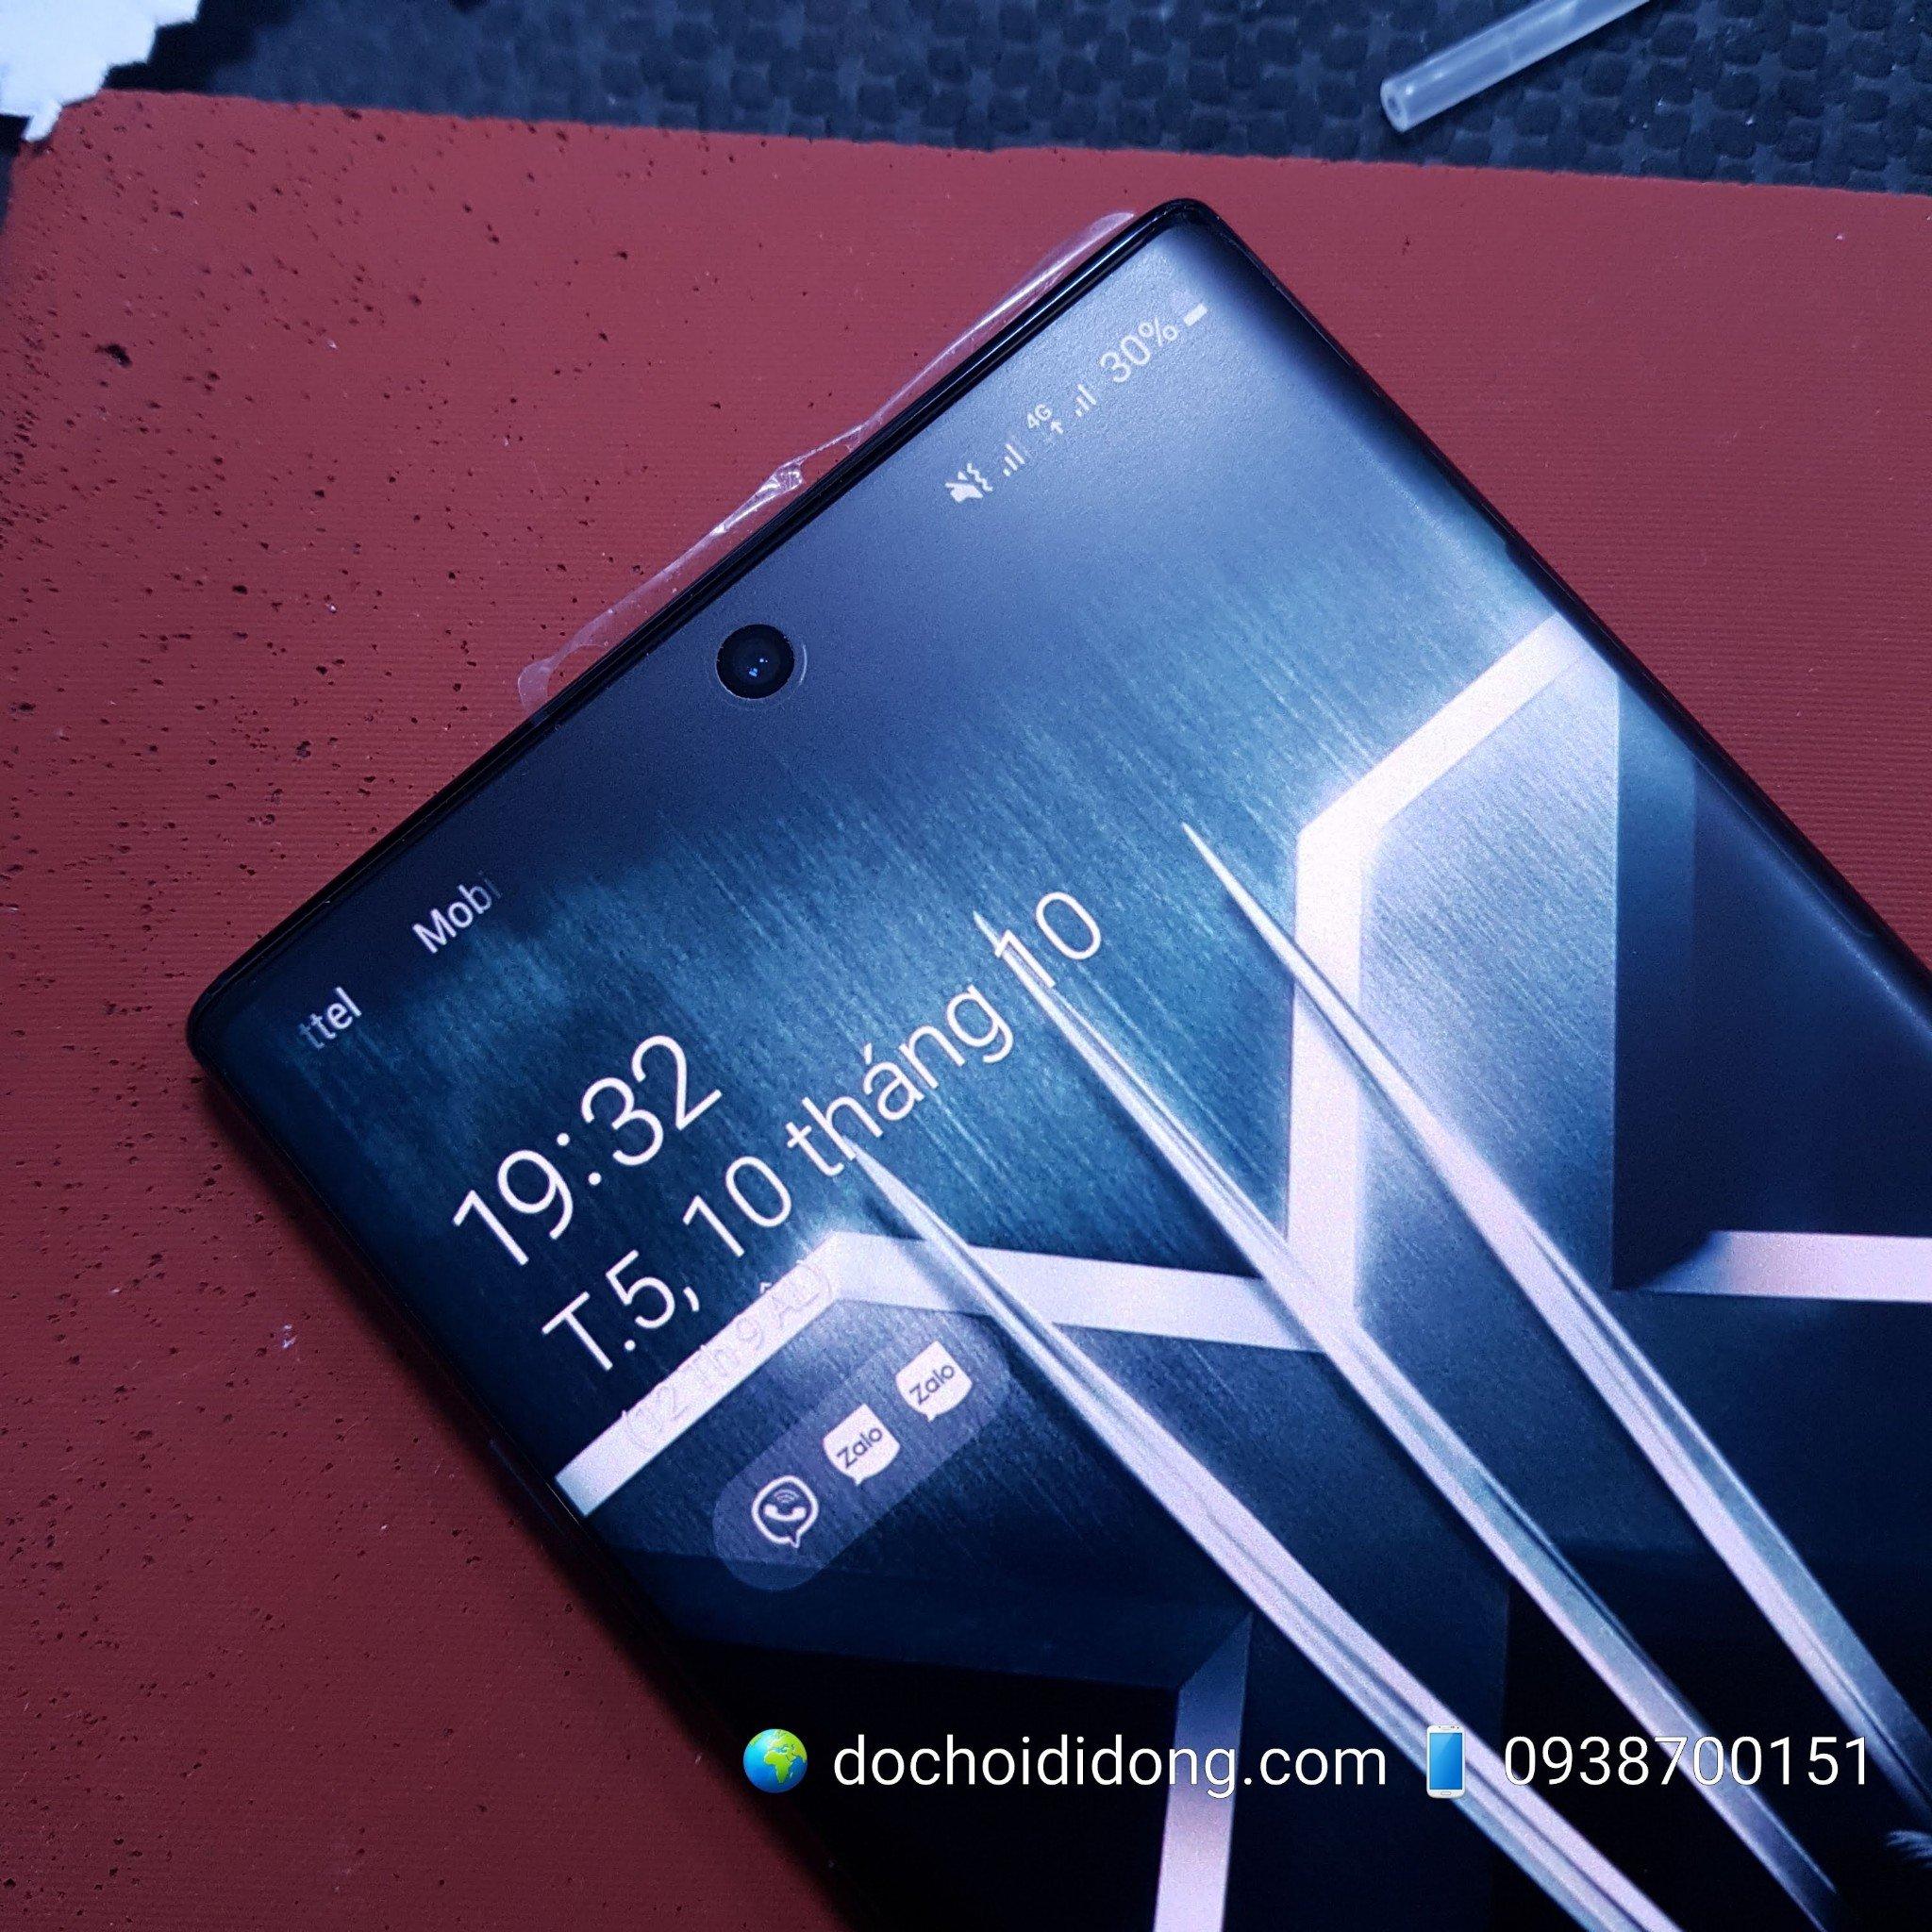 Miếng dán màn hình nhám Samsung Note 10 Plus Matte Flexible dẻo chống vân tay